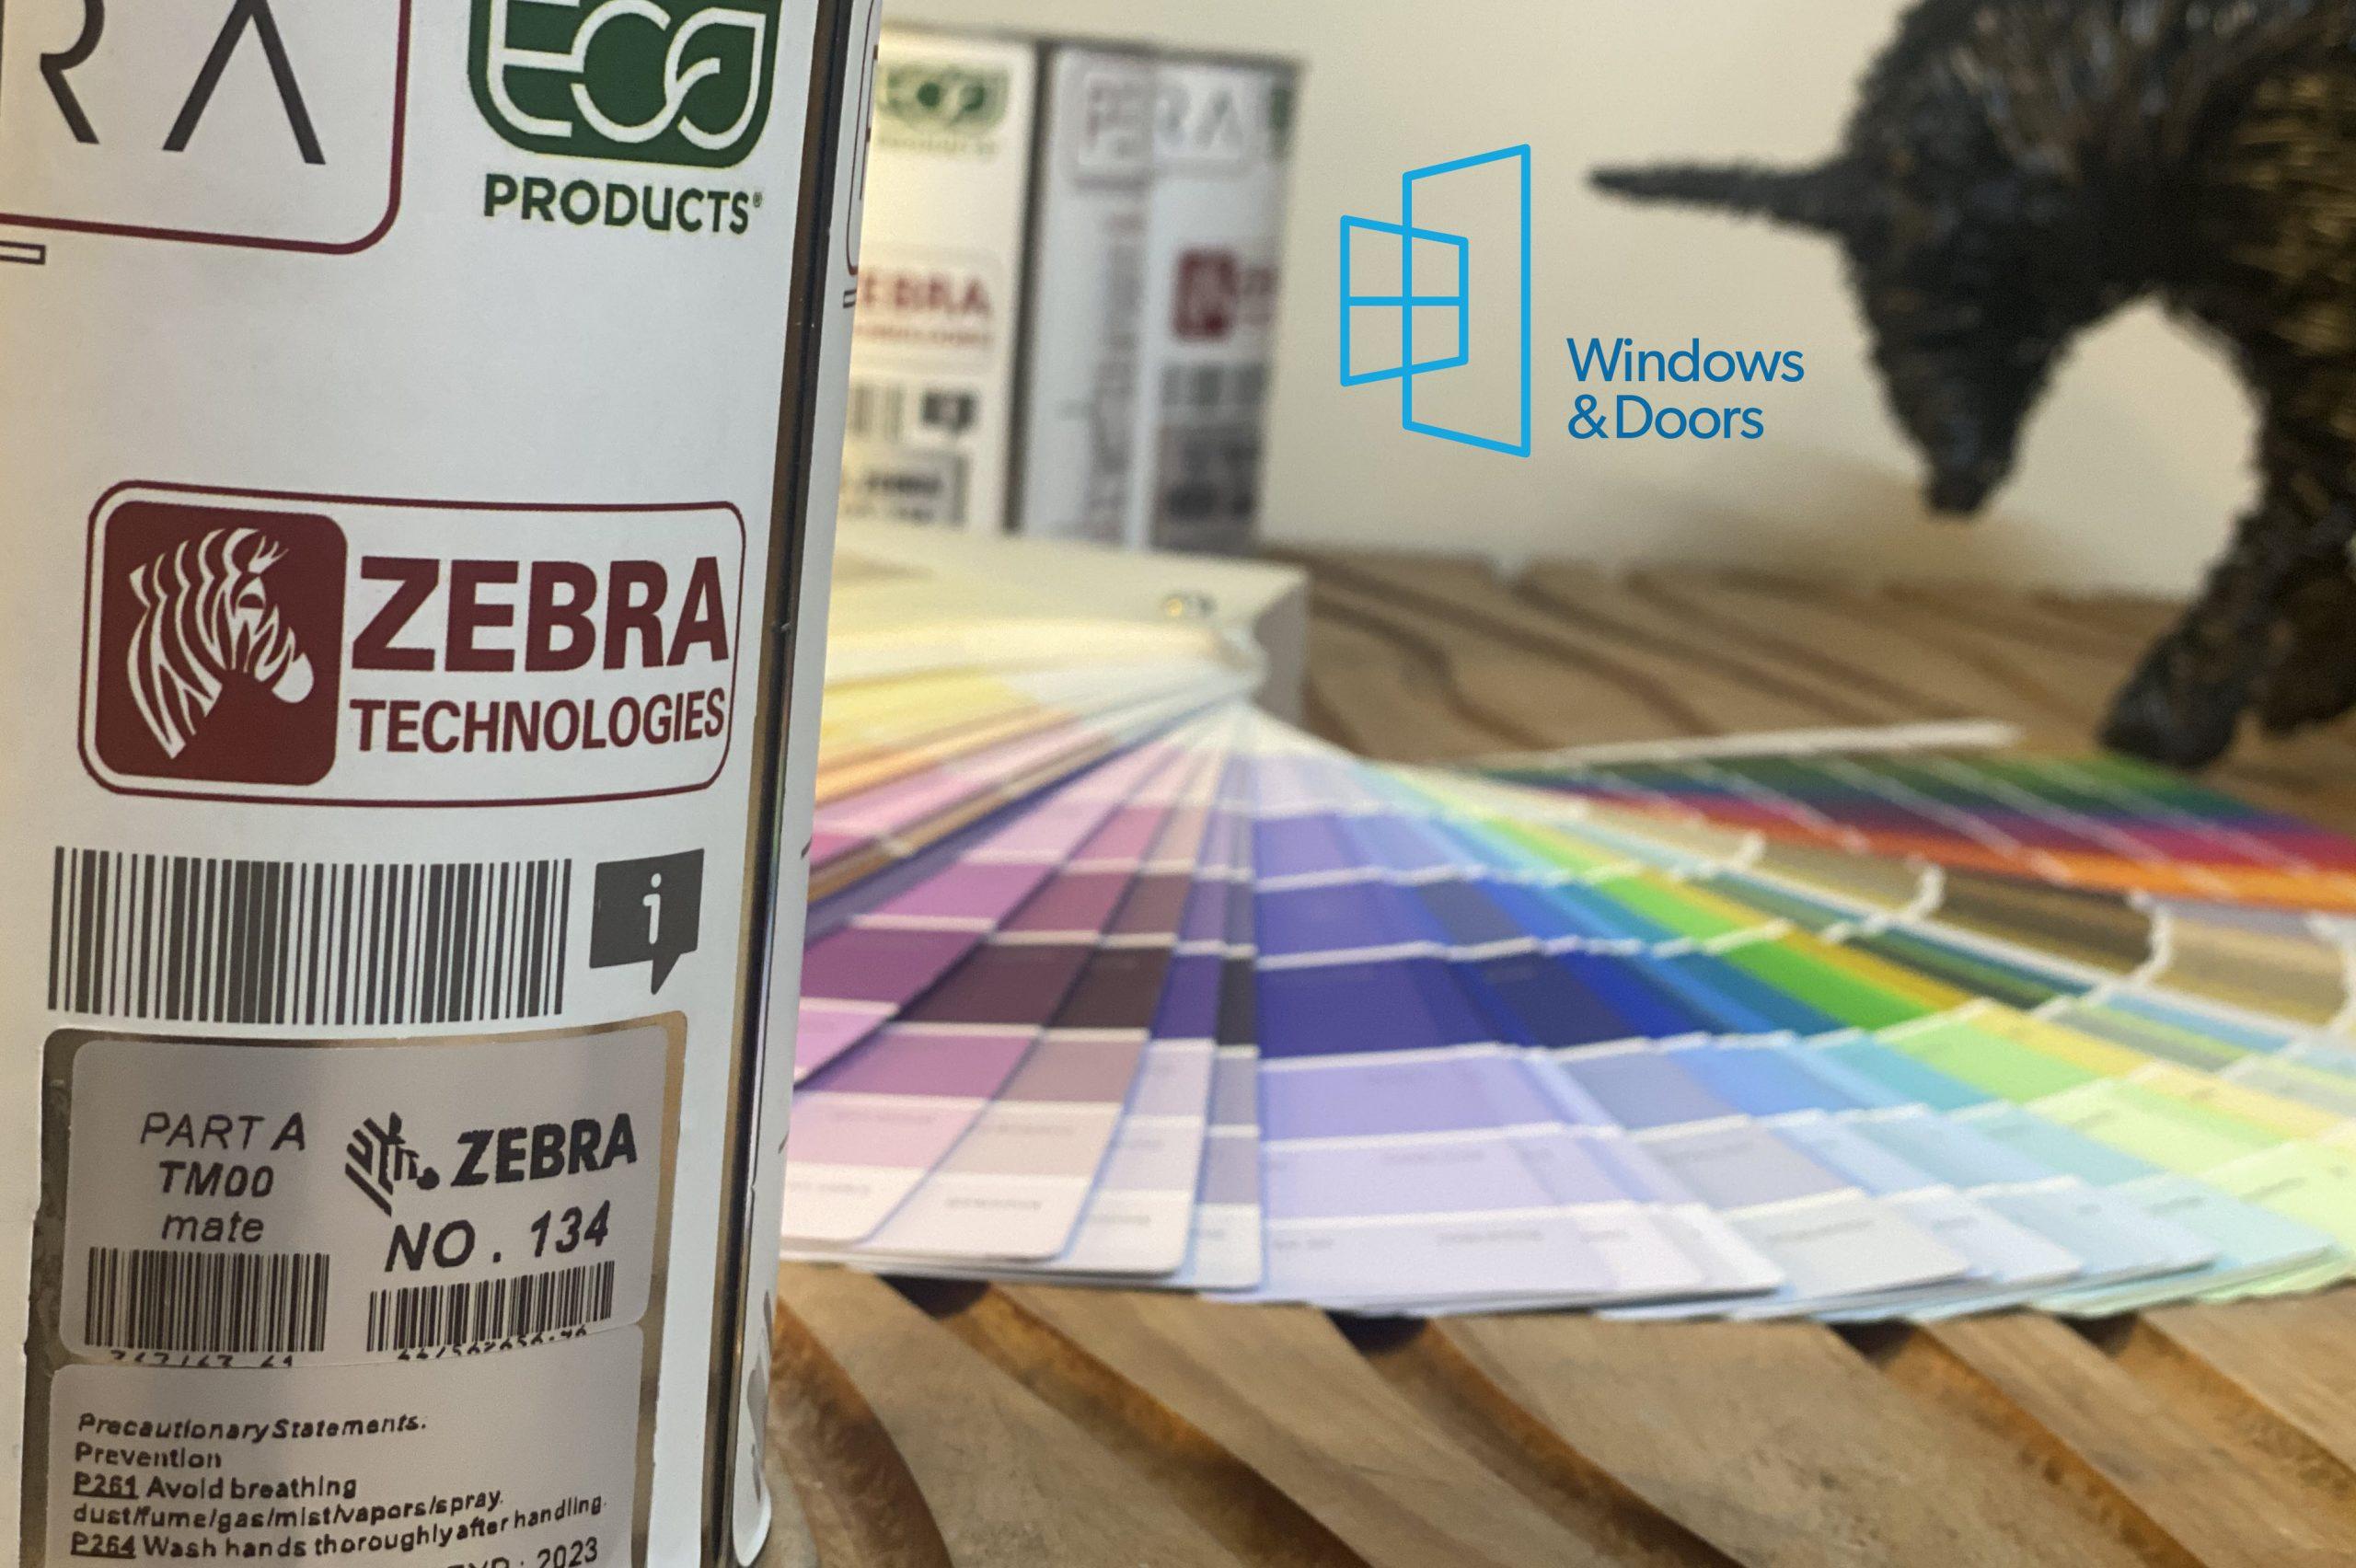 رنگ پروفیل UPVC , رنگ درب و پنجره , رنگ پی وی سی , رنگ پروفیل یو پی وی سی